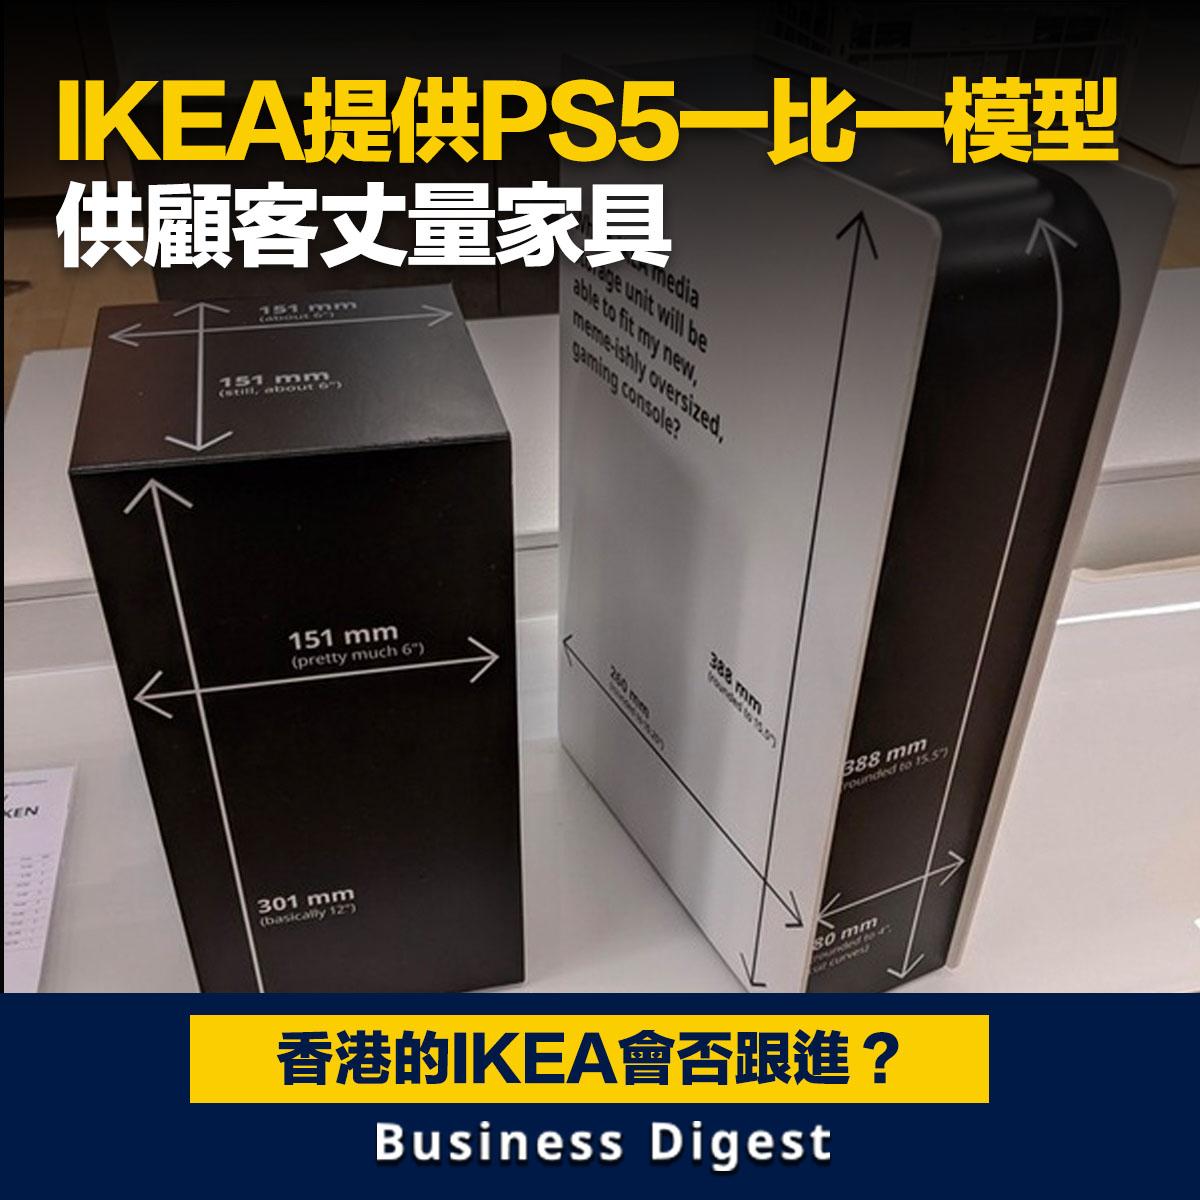 IKEA提供PS5一比一模型,供顧客丈量家具